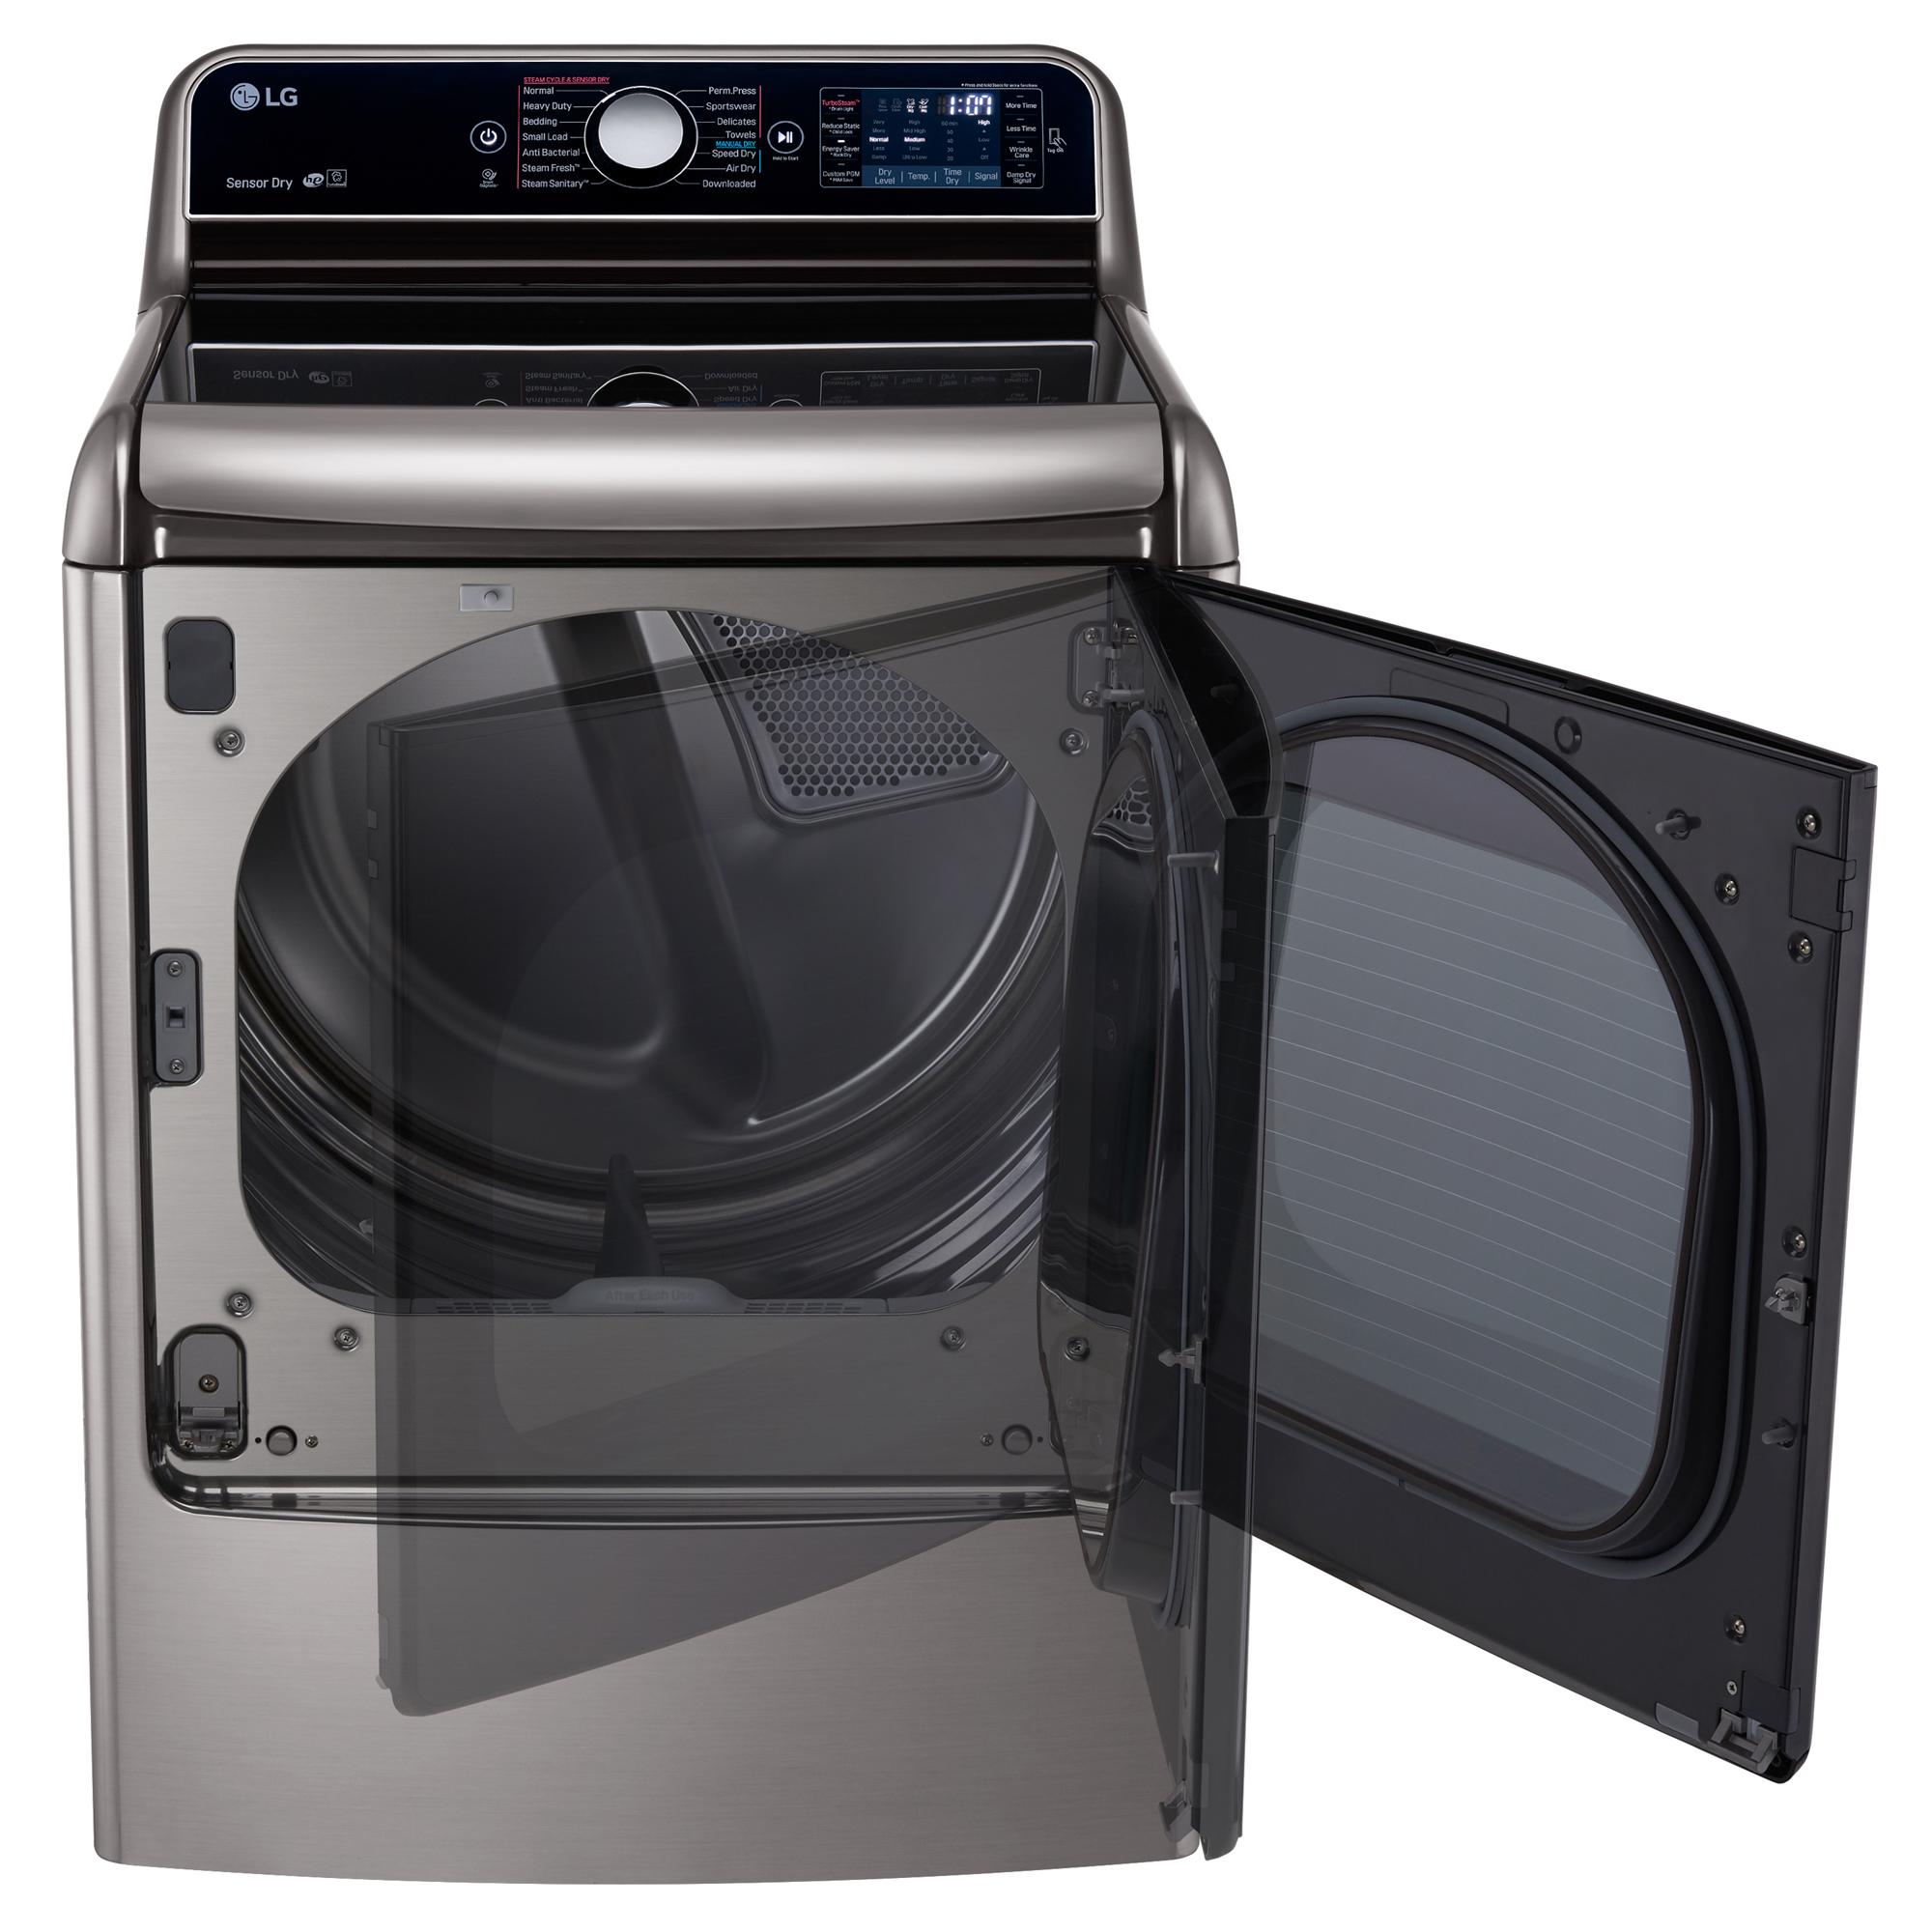 LG DLGX7701VE 9.0 cu.ft. TurboSteam™ Dryer w/LG EasyLoad™ Door – Graphite Steel